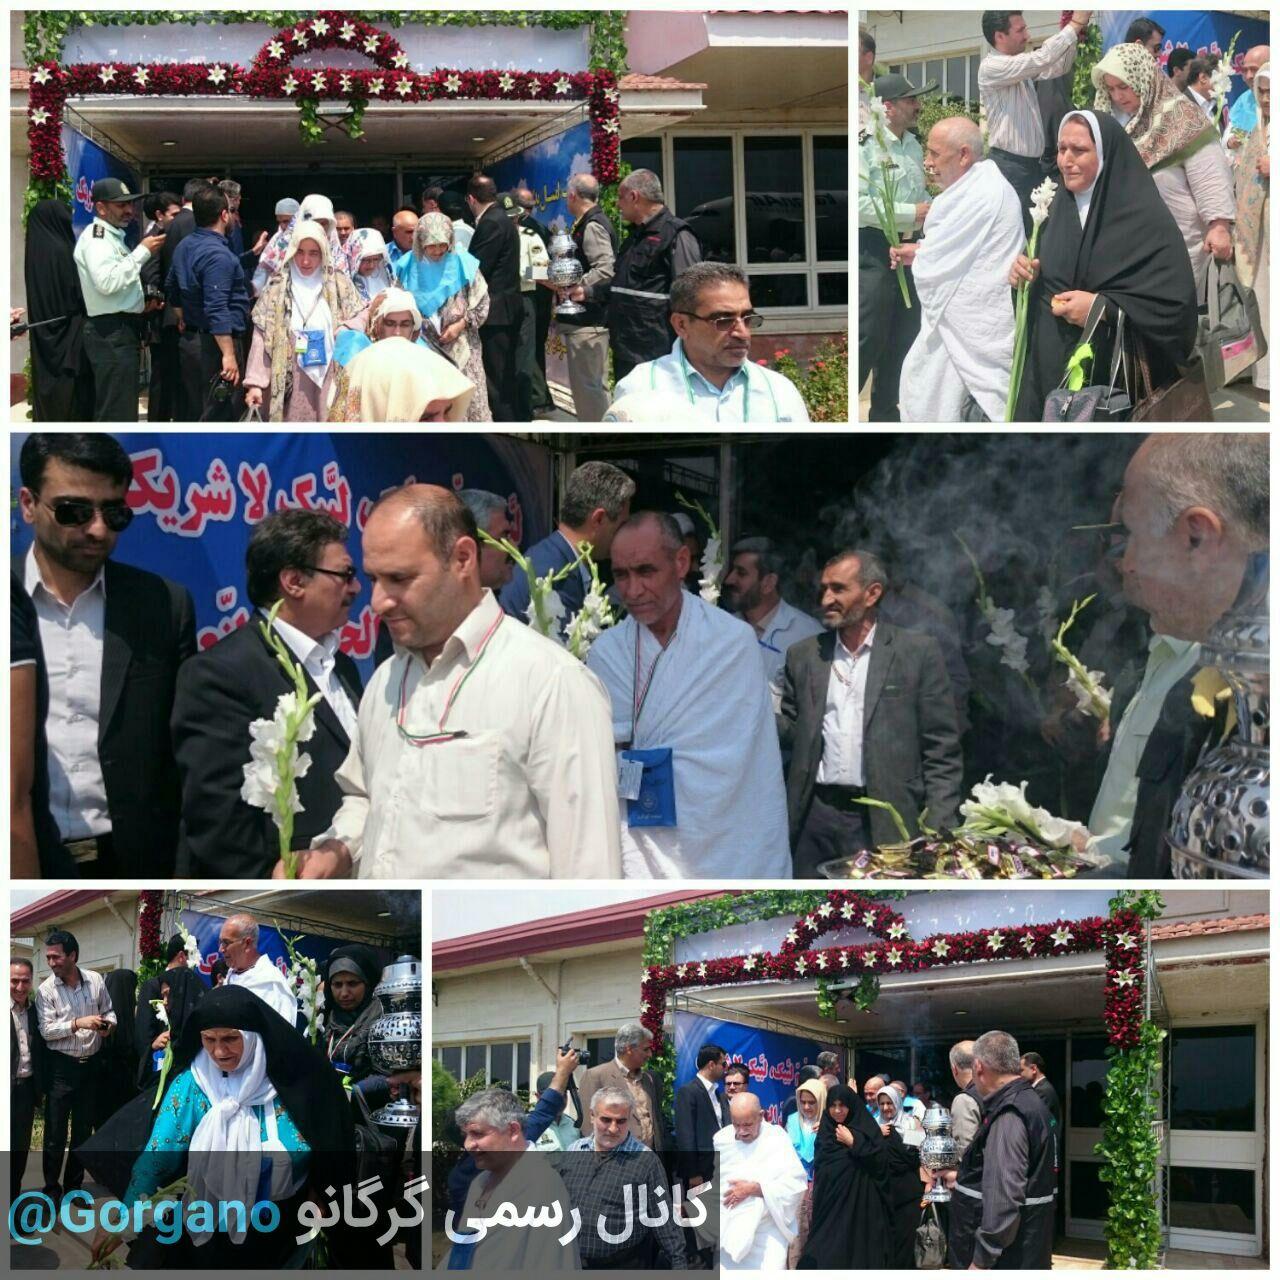 فرودگاه گرگان تاکنون با انجام شش پرواز 1609 زائر گلستانی خانه خدا را به عربستان اعزام کرده است